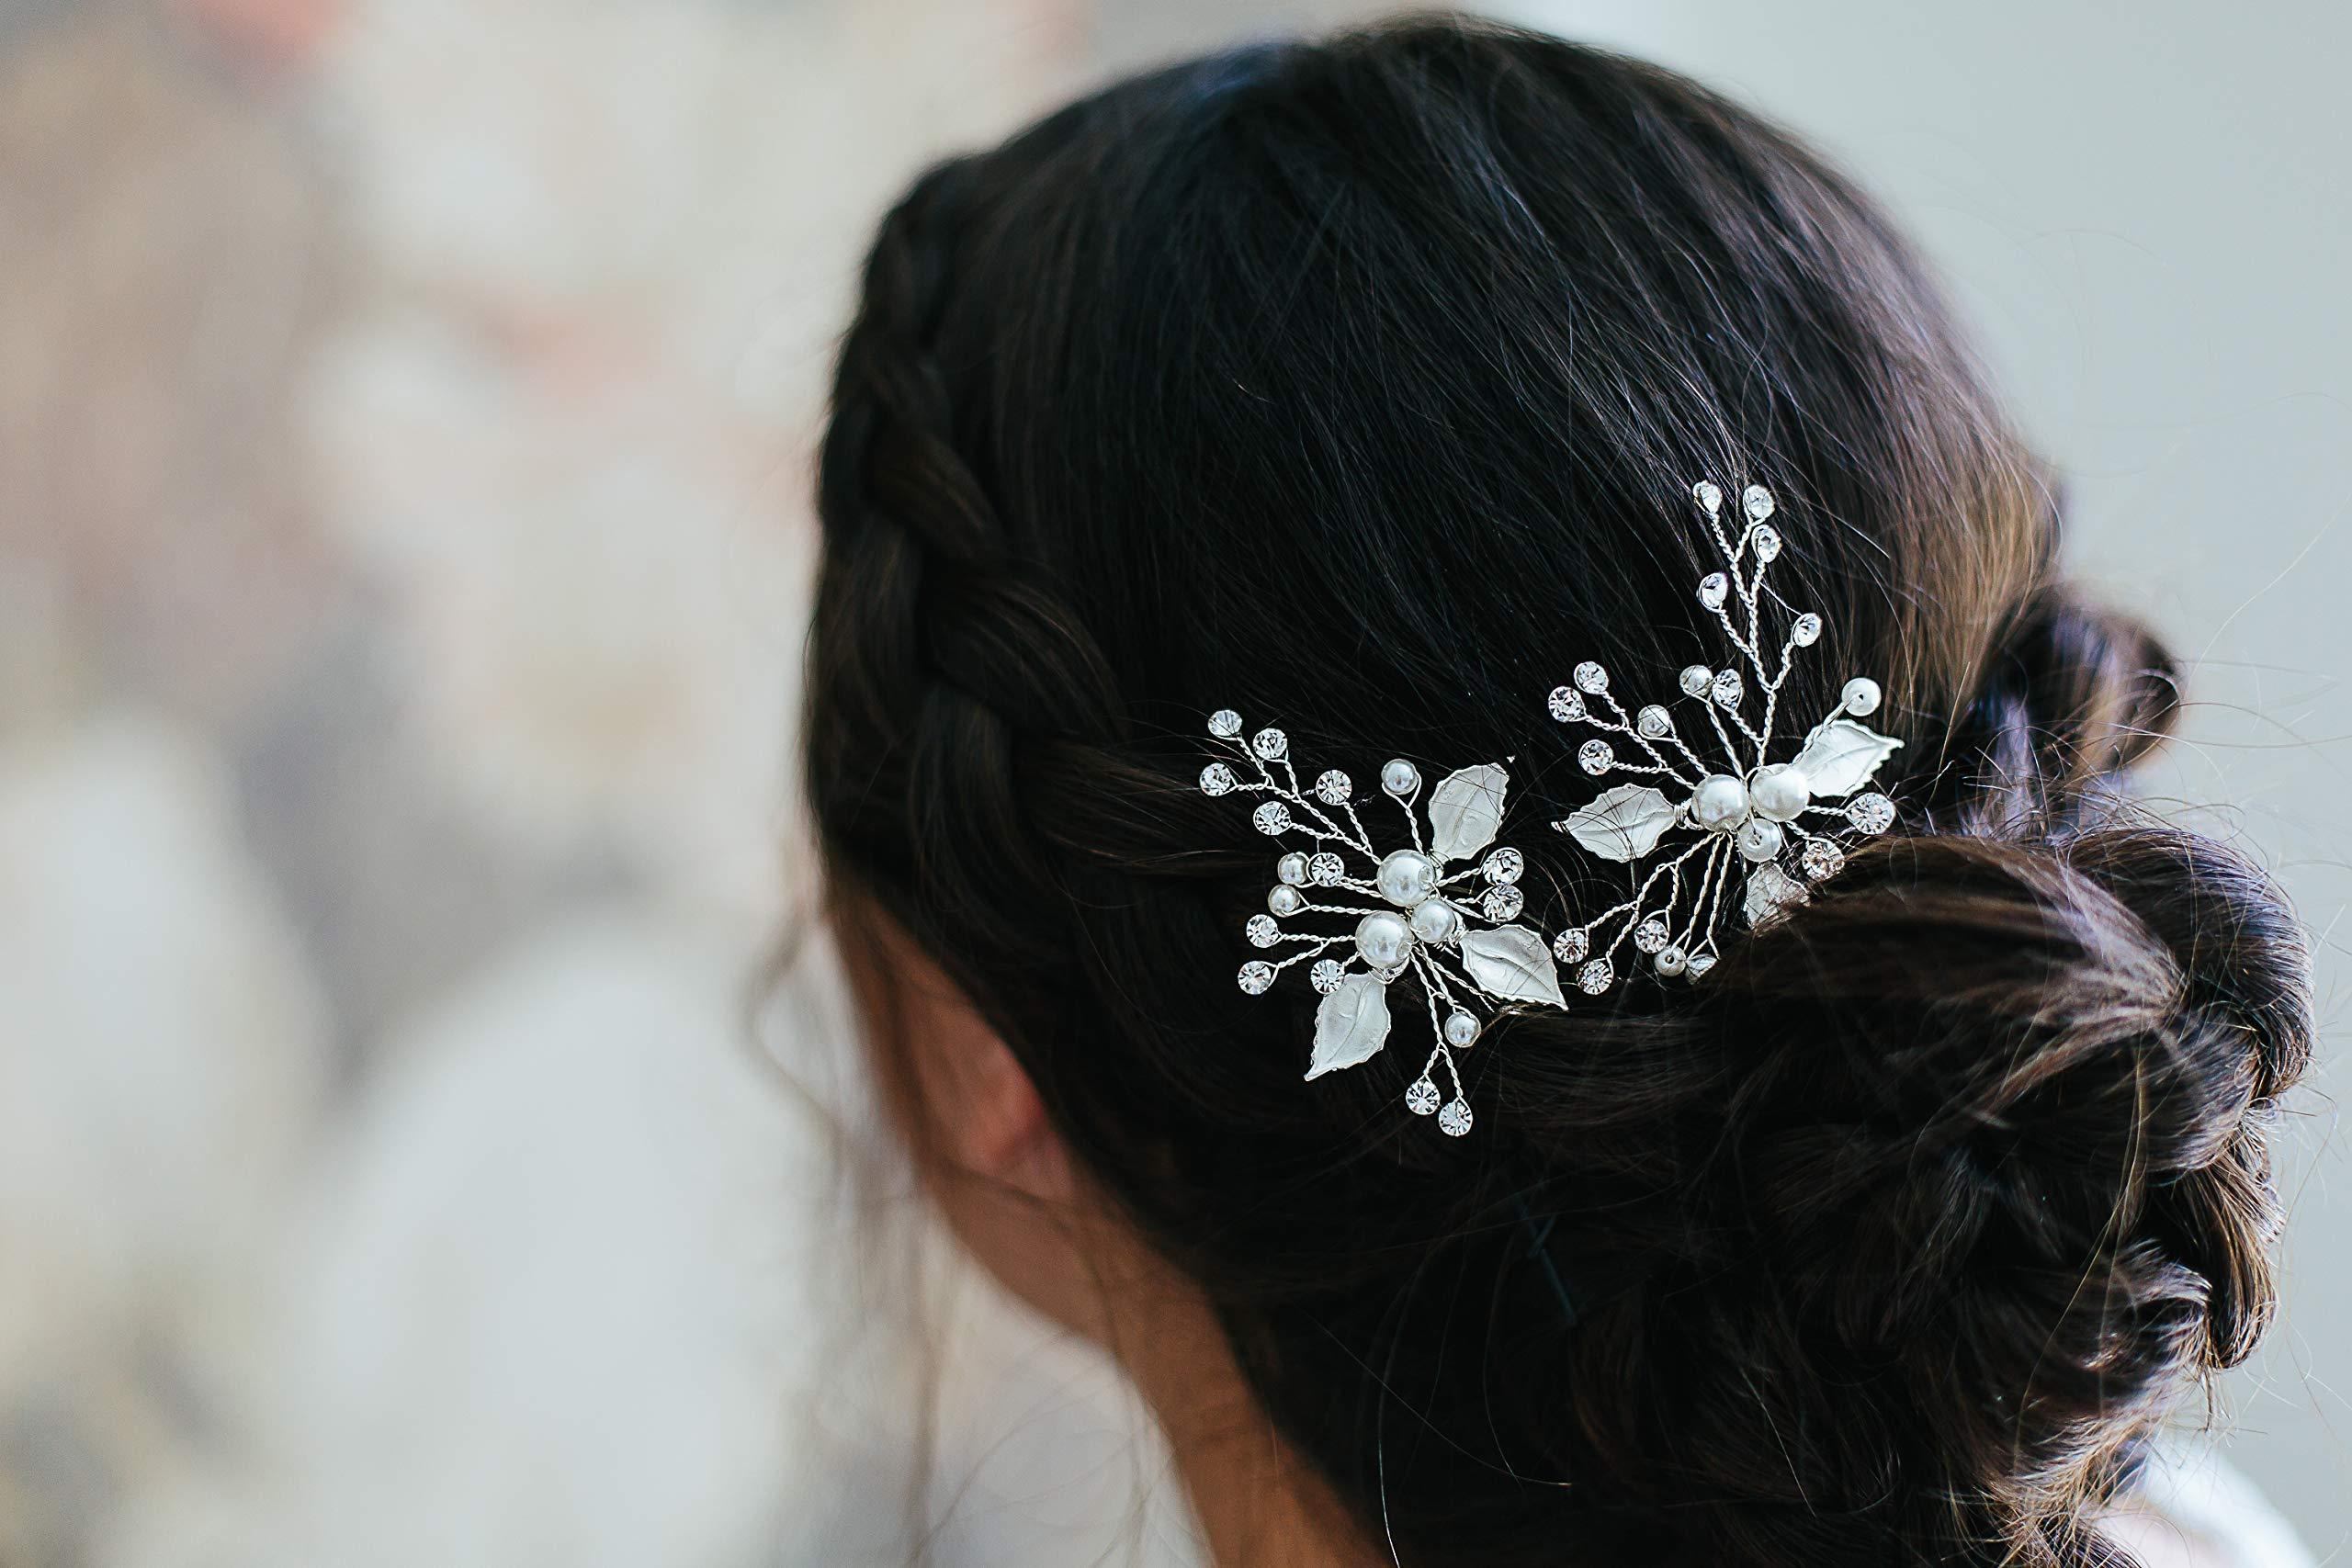 Victoria - bridal hair pins, vintage inspired headpiece, pearl hair pins, silver hair accessory